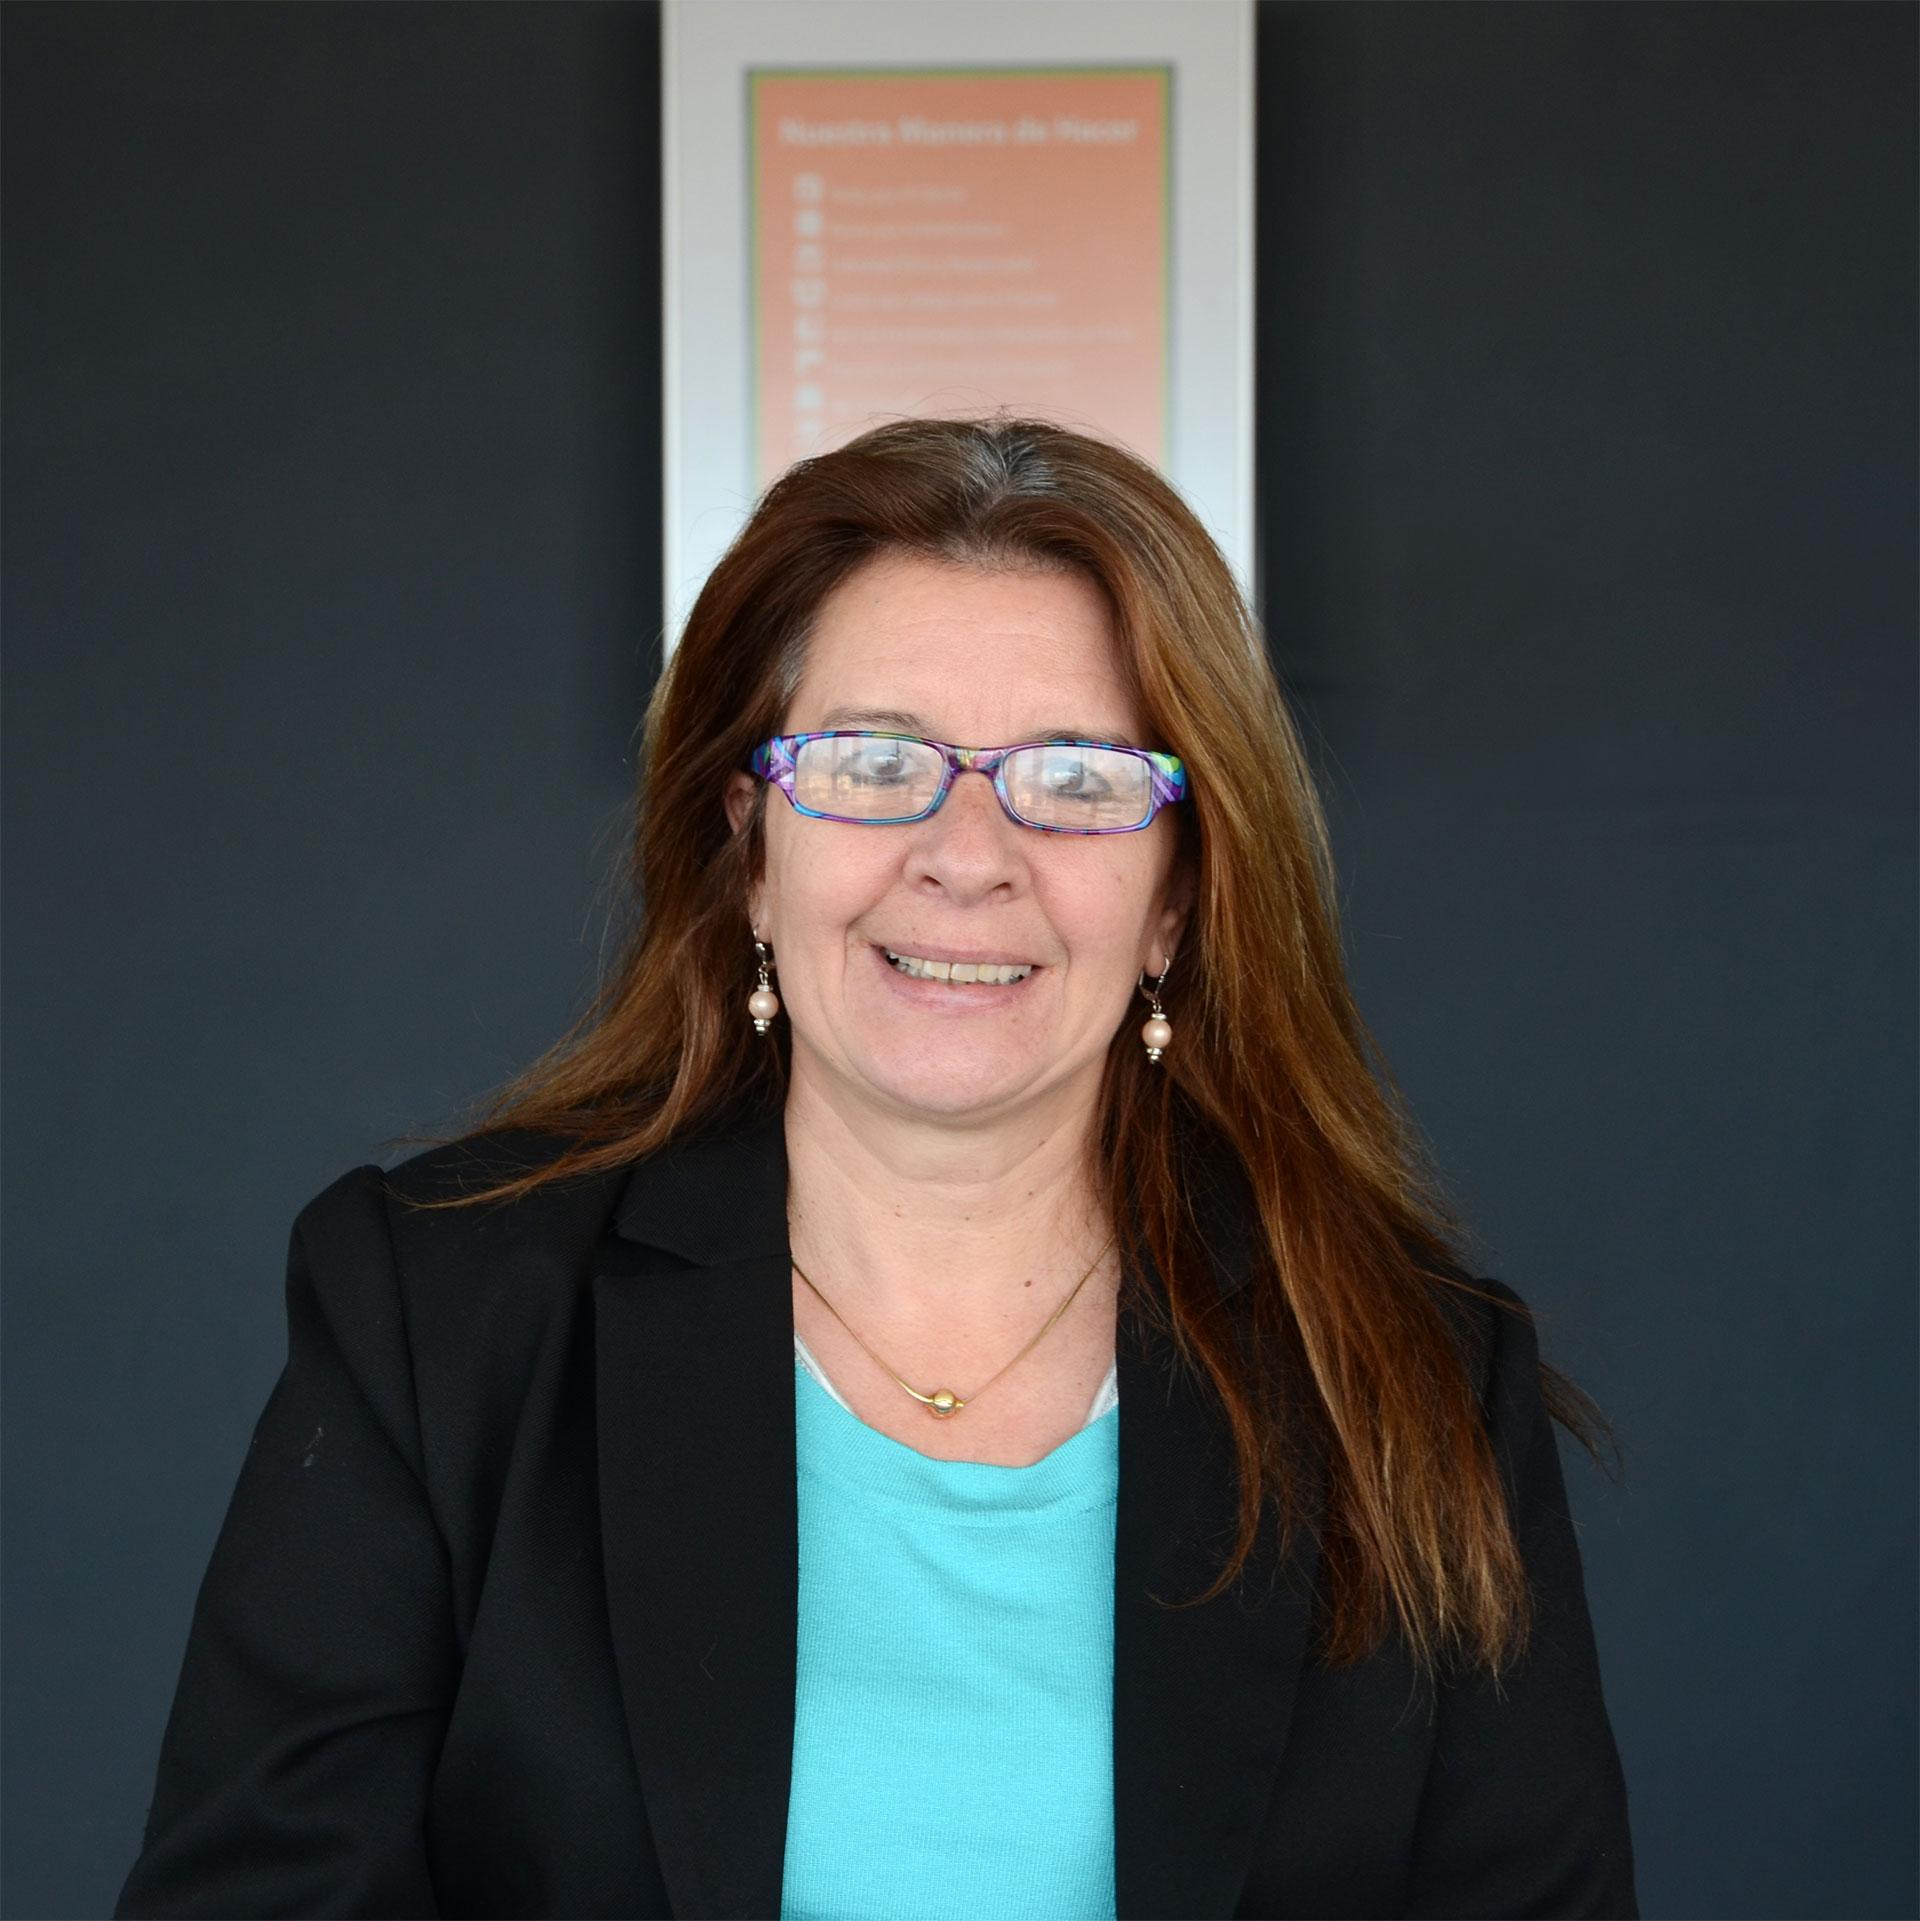 Mariela Pintaluba